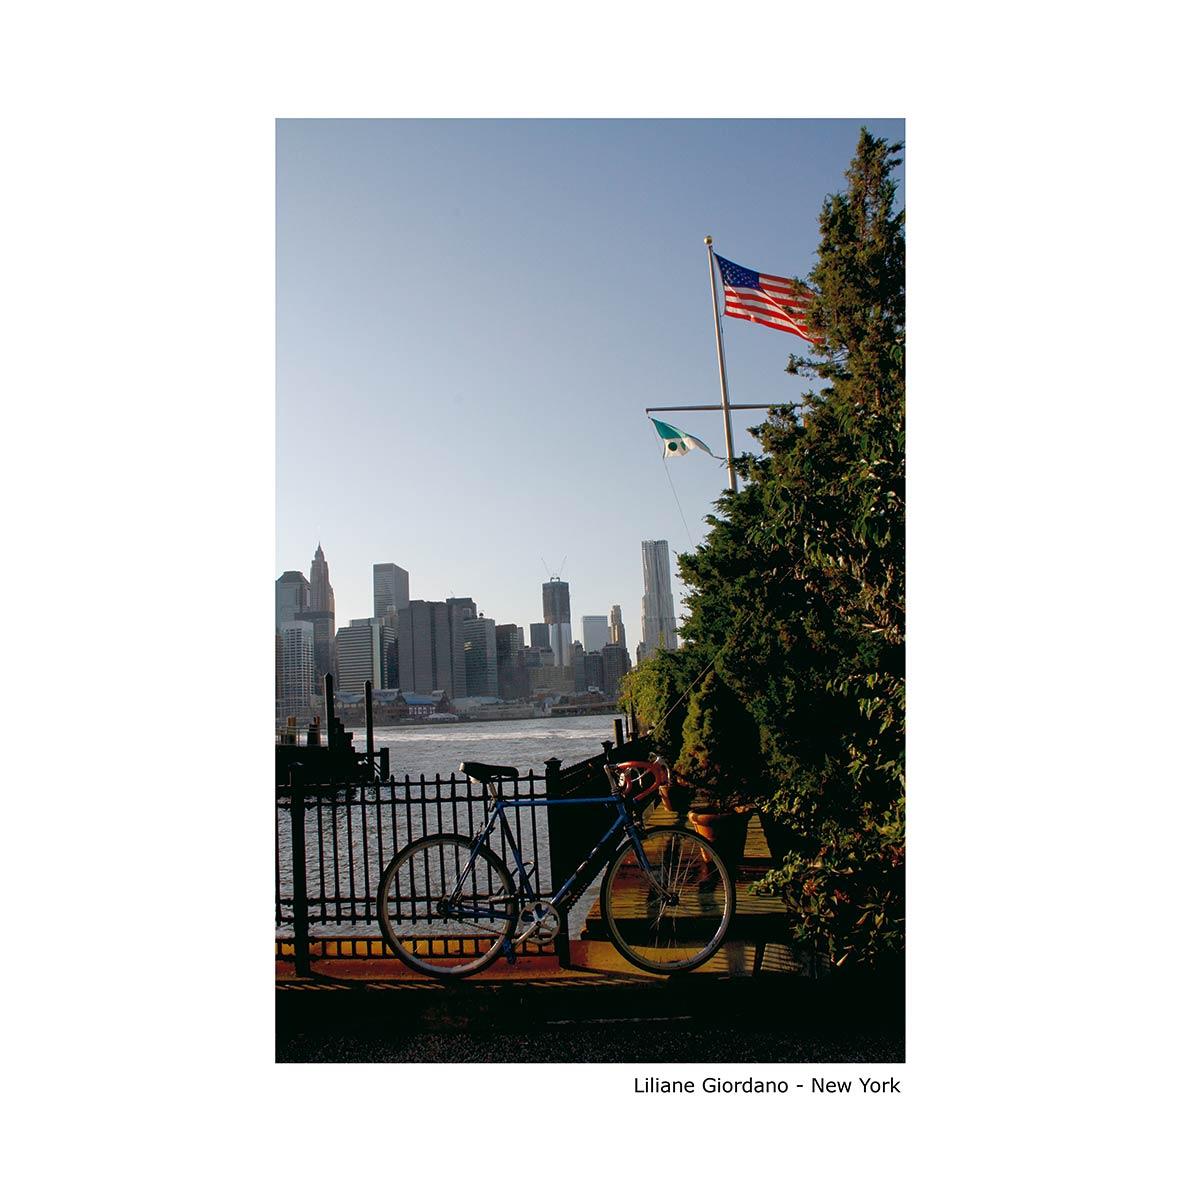 Liliane-Giordano---New-York-2